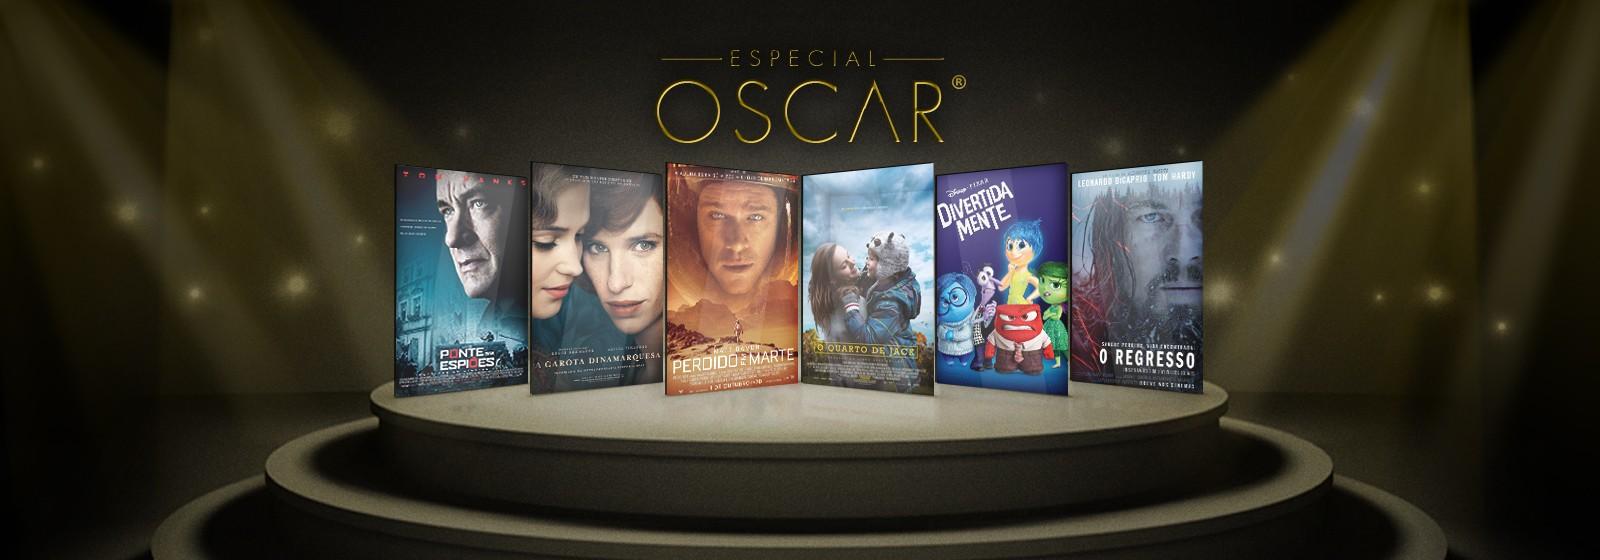 Aquecimento Oscar 2017